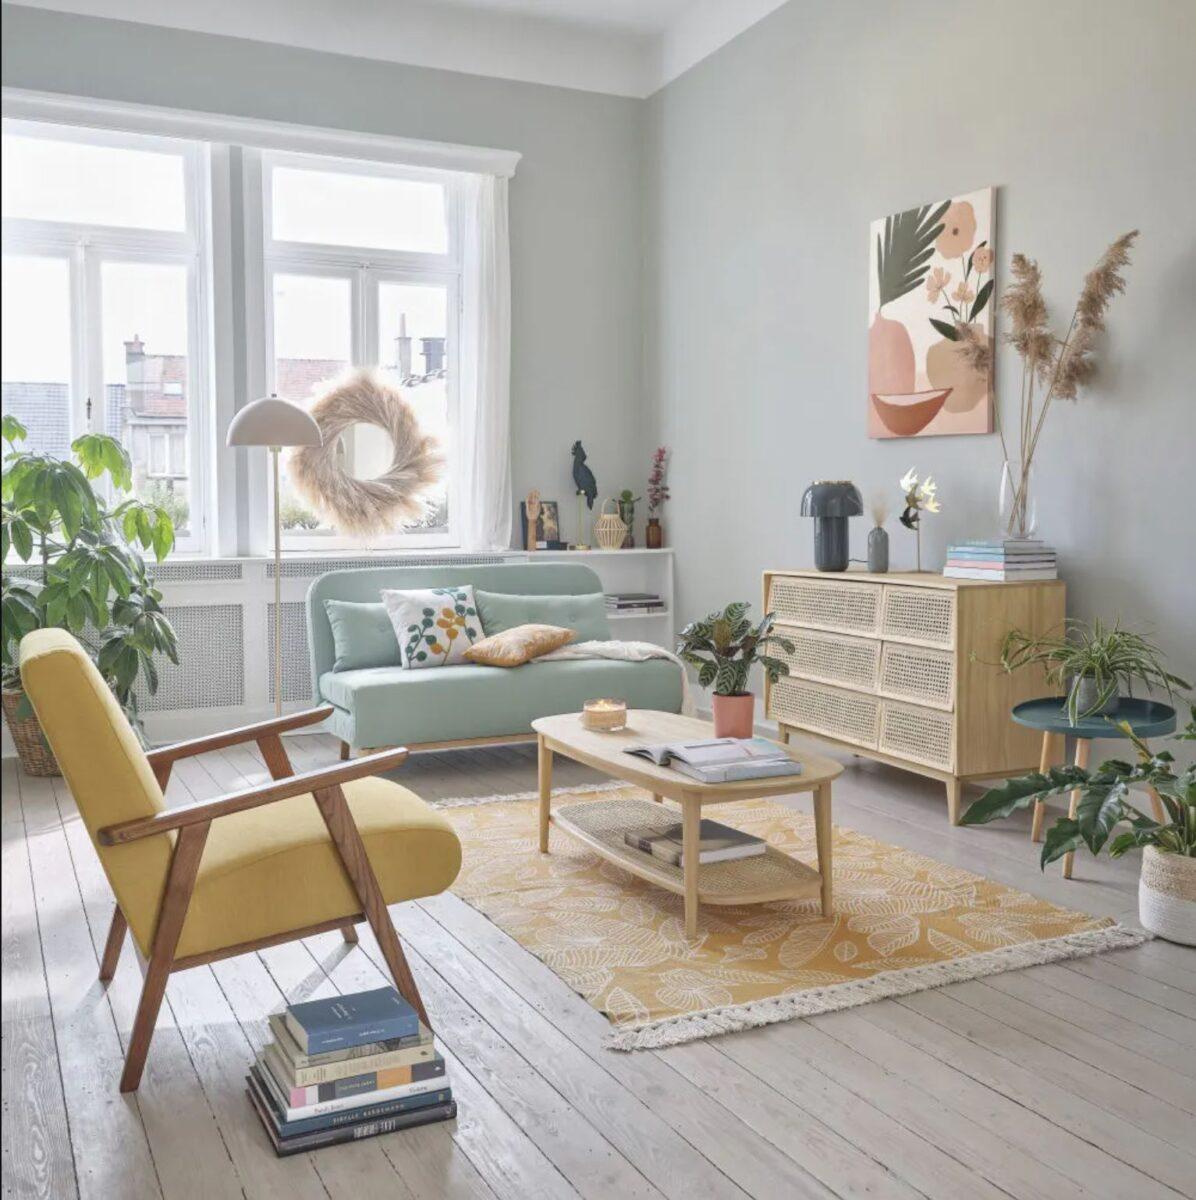 Dotato di 2 posti, è un autentico invito al relax, sia in forma divano che in versione letto supplementare. Maisons Du Monde Novita Divani 2021